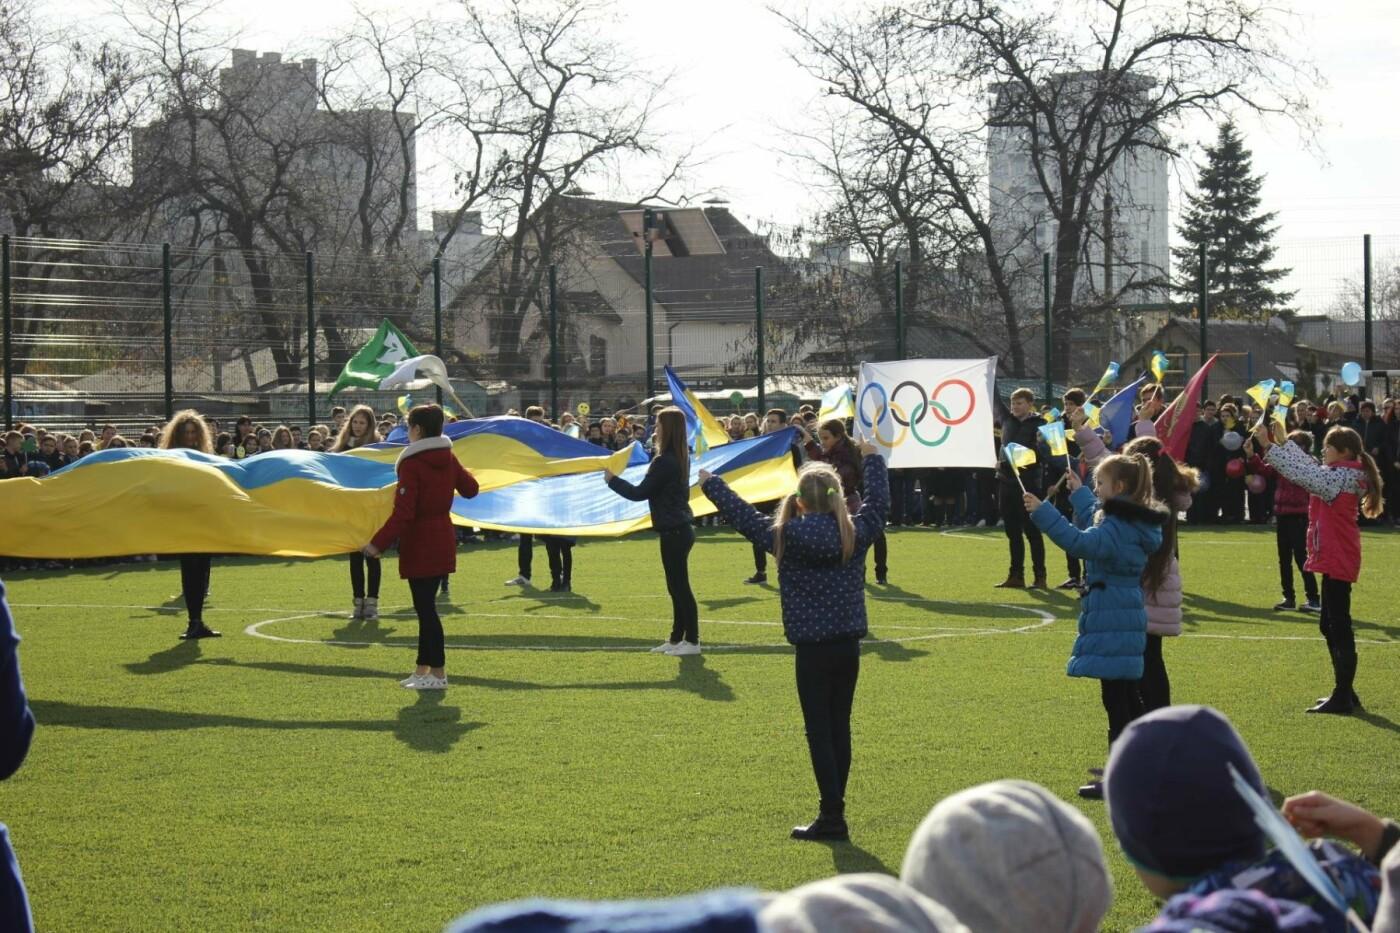 В Бородинском микрорайоне открыли школьный стадион: как это выглядит, - ФОТОРЕПОРТАЖ, фото-17